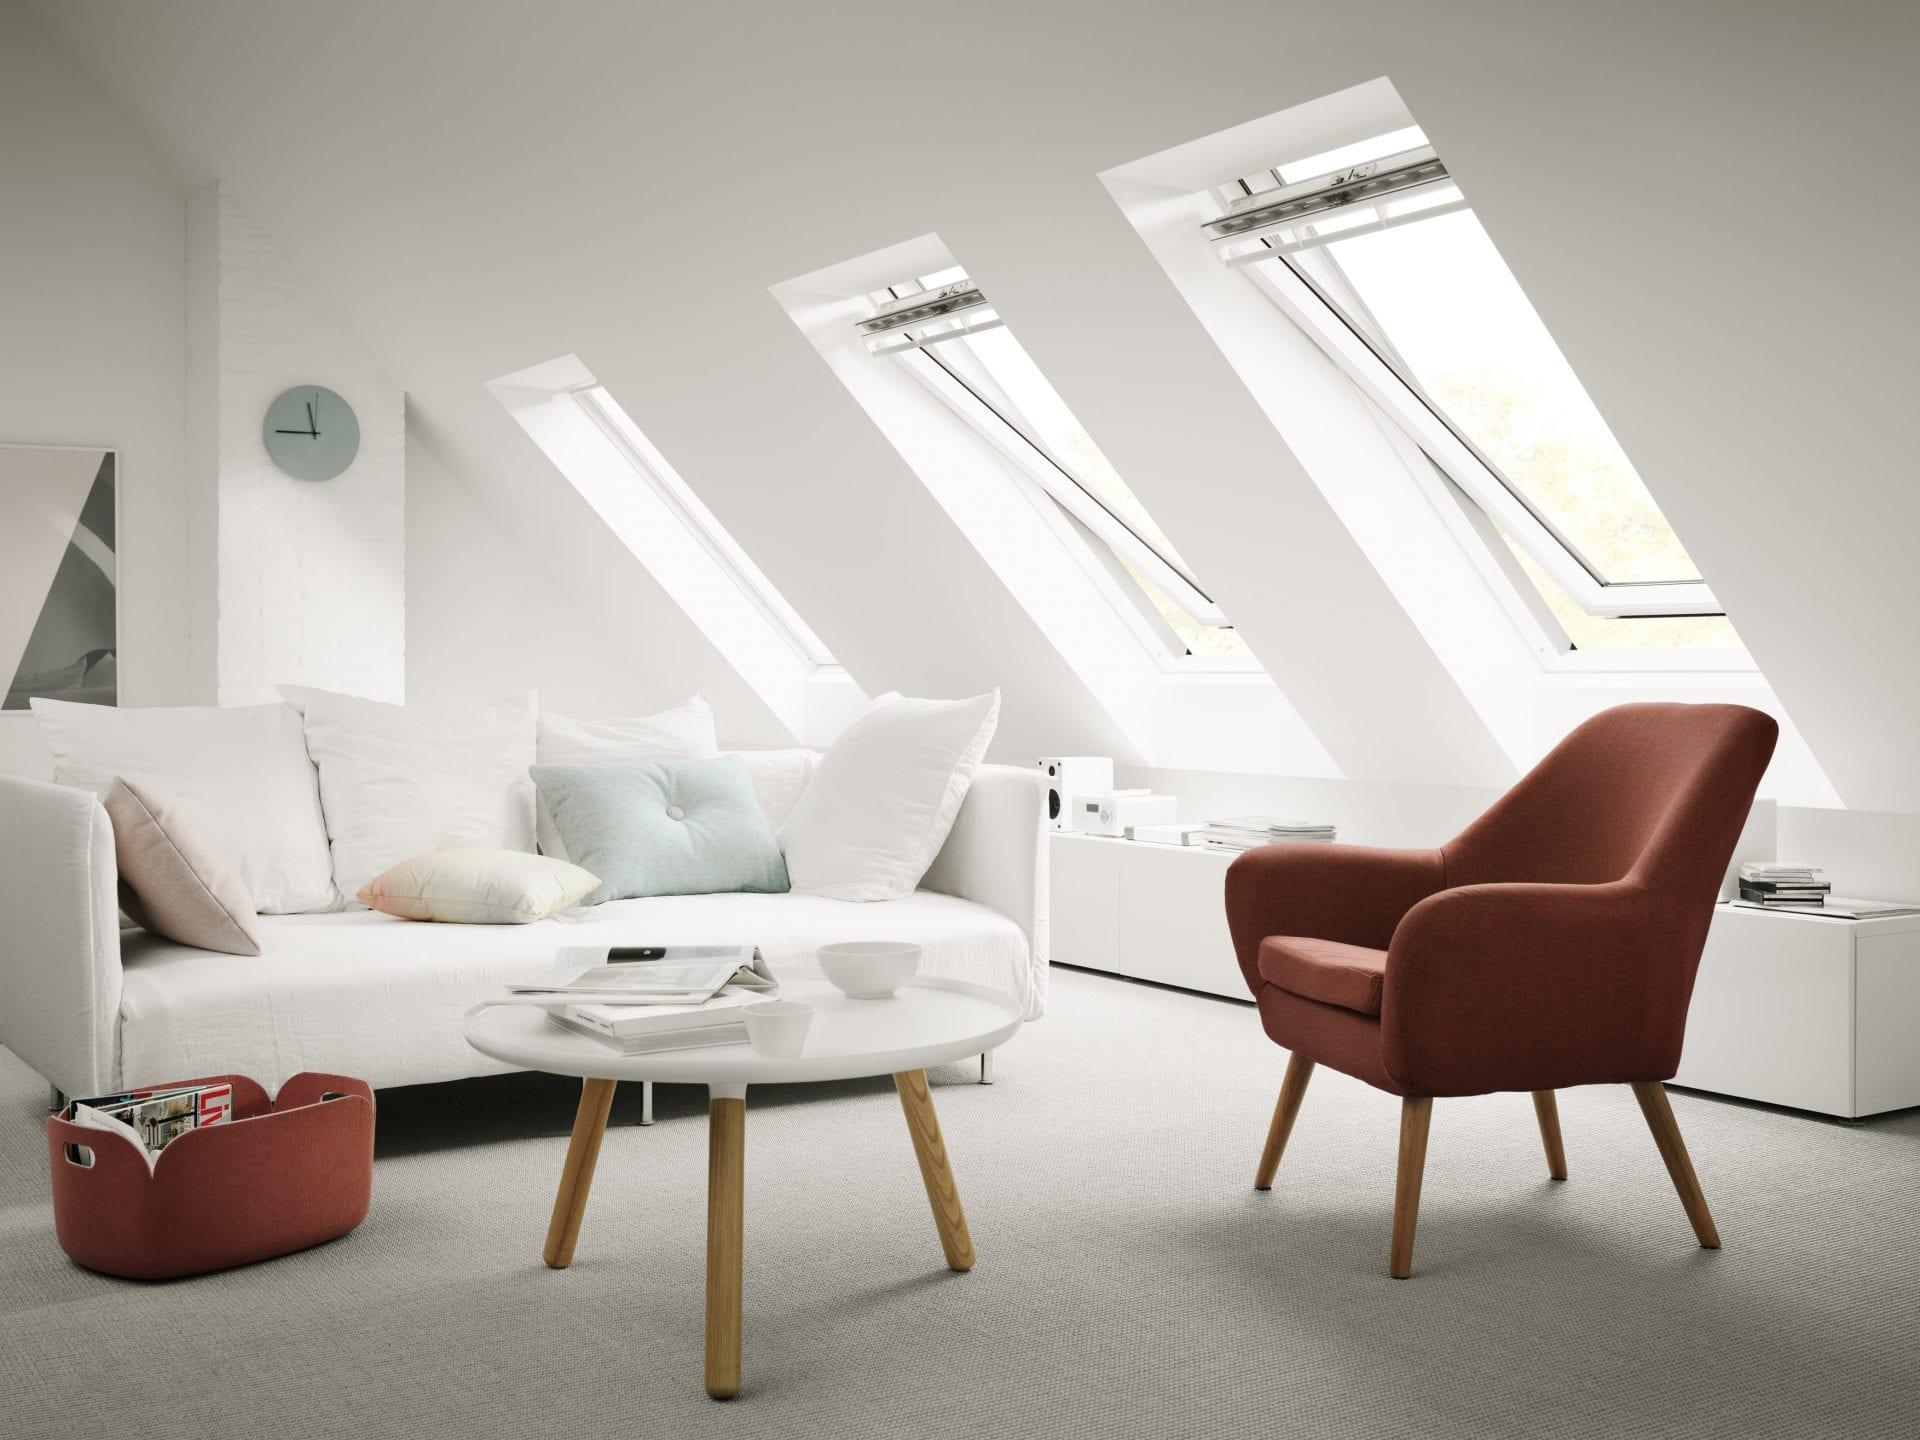 stresne-okna-okna-velux-obyvacka-podkrovna-izba-kreslo-gauc-koberec-stol-vankuse